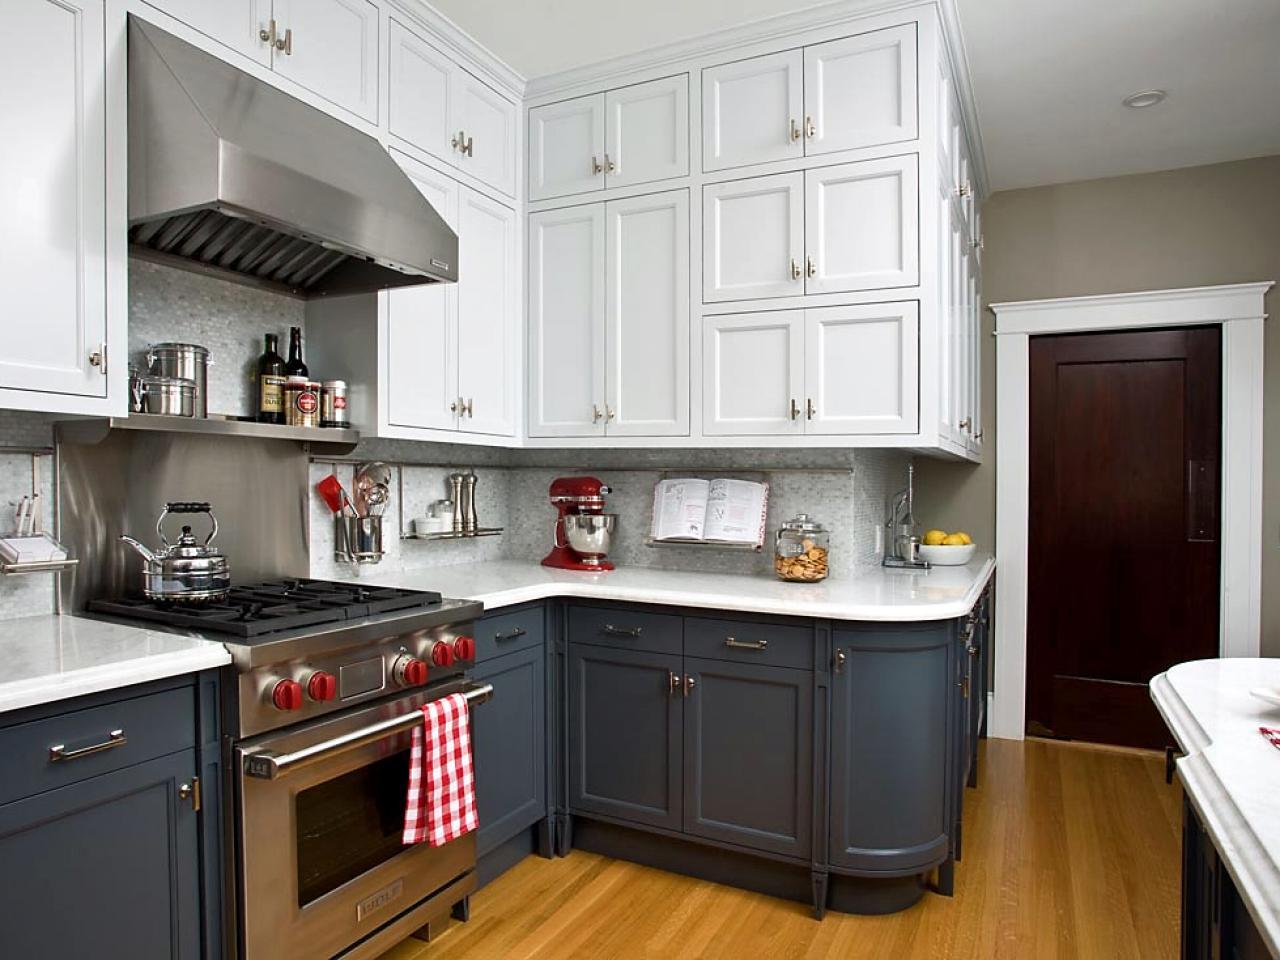 Efficient modern kitchen